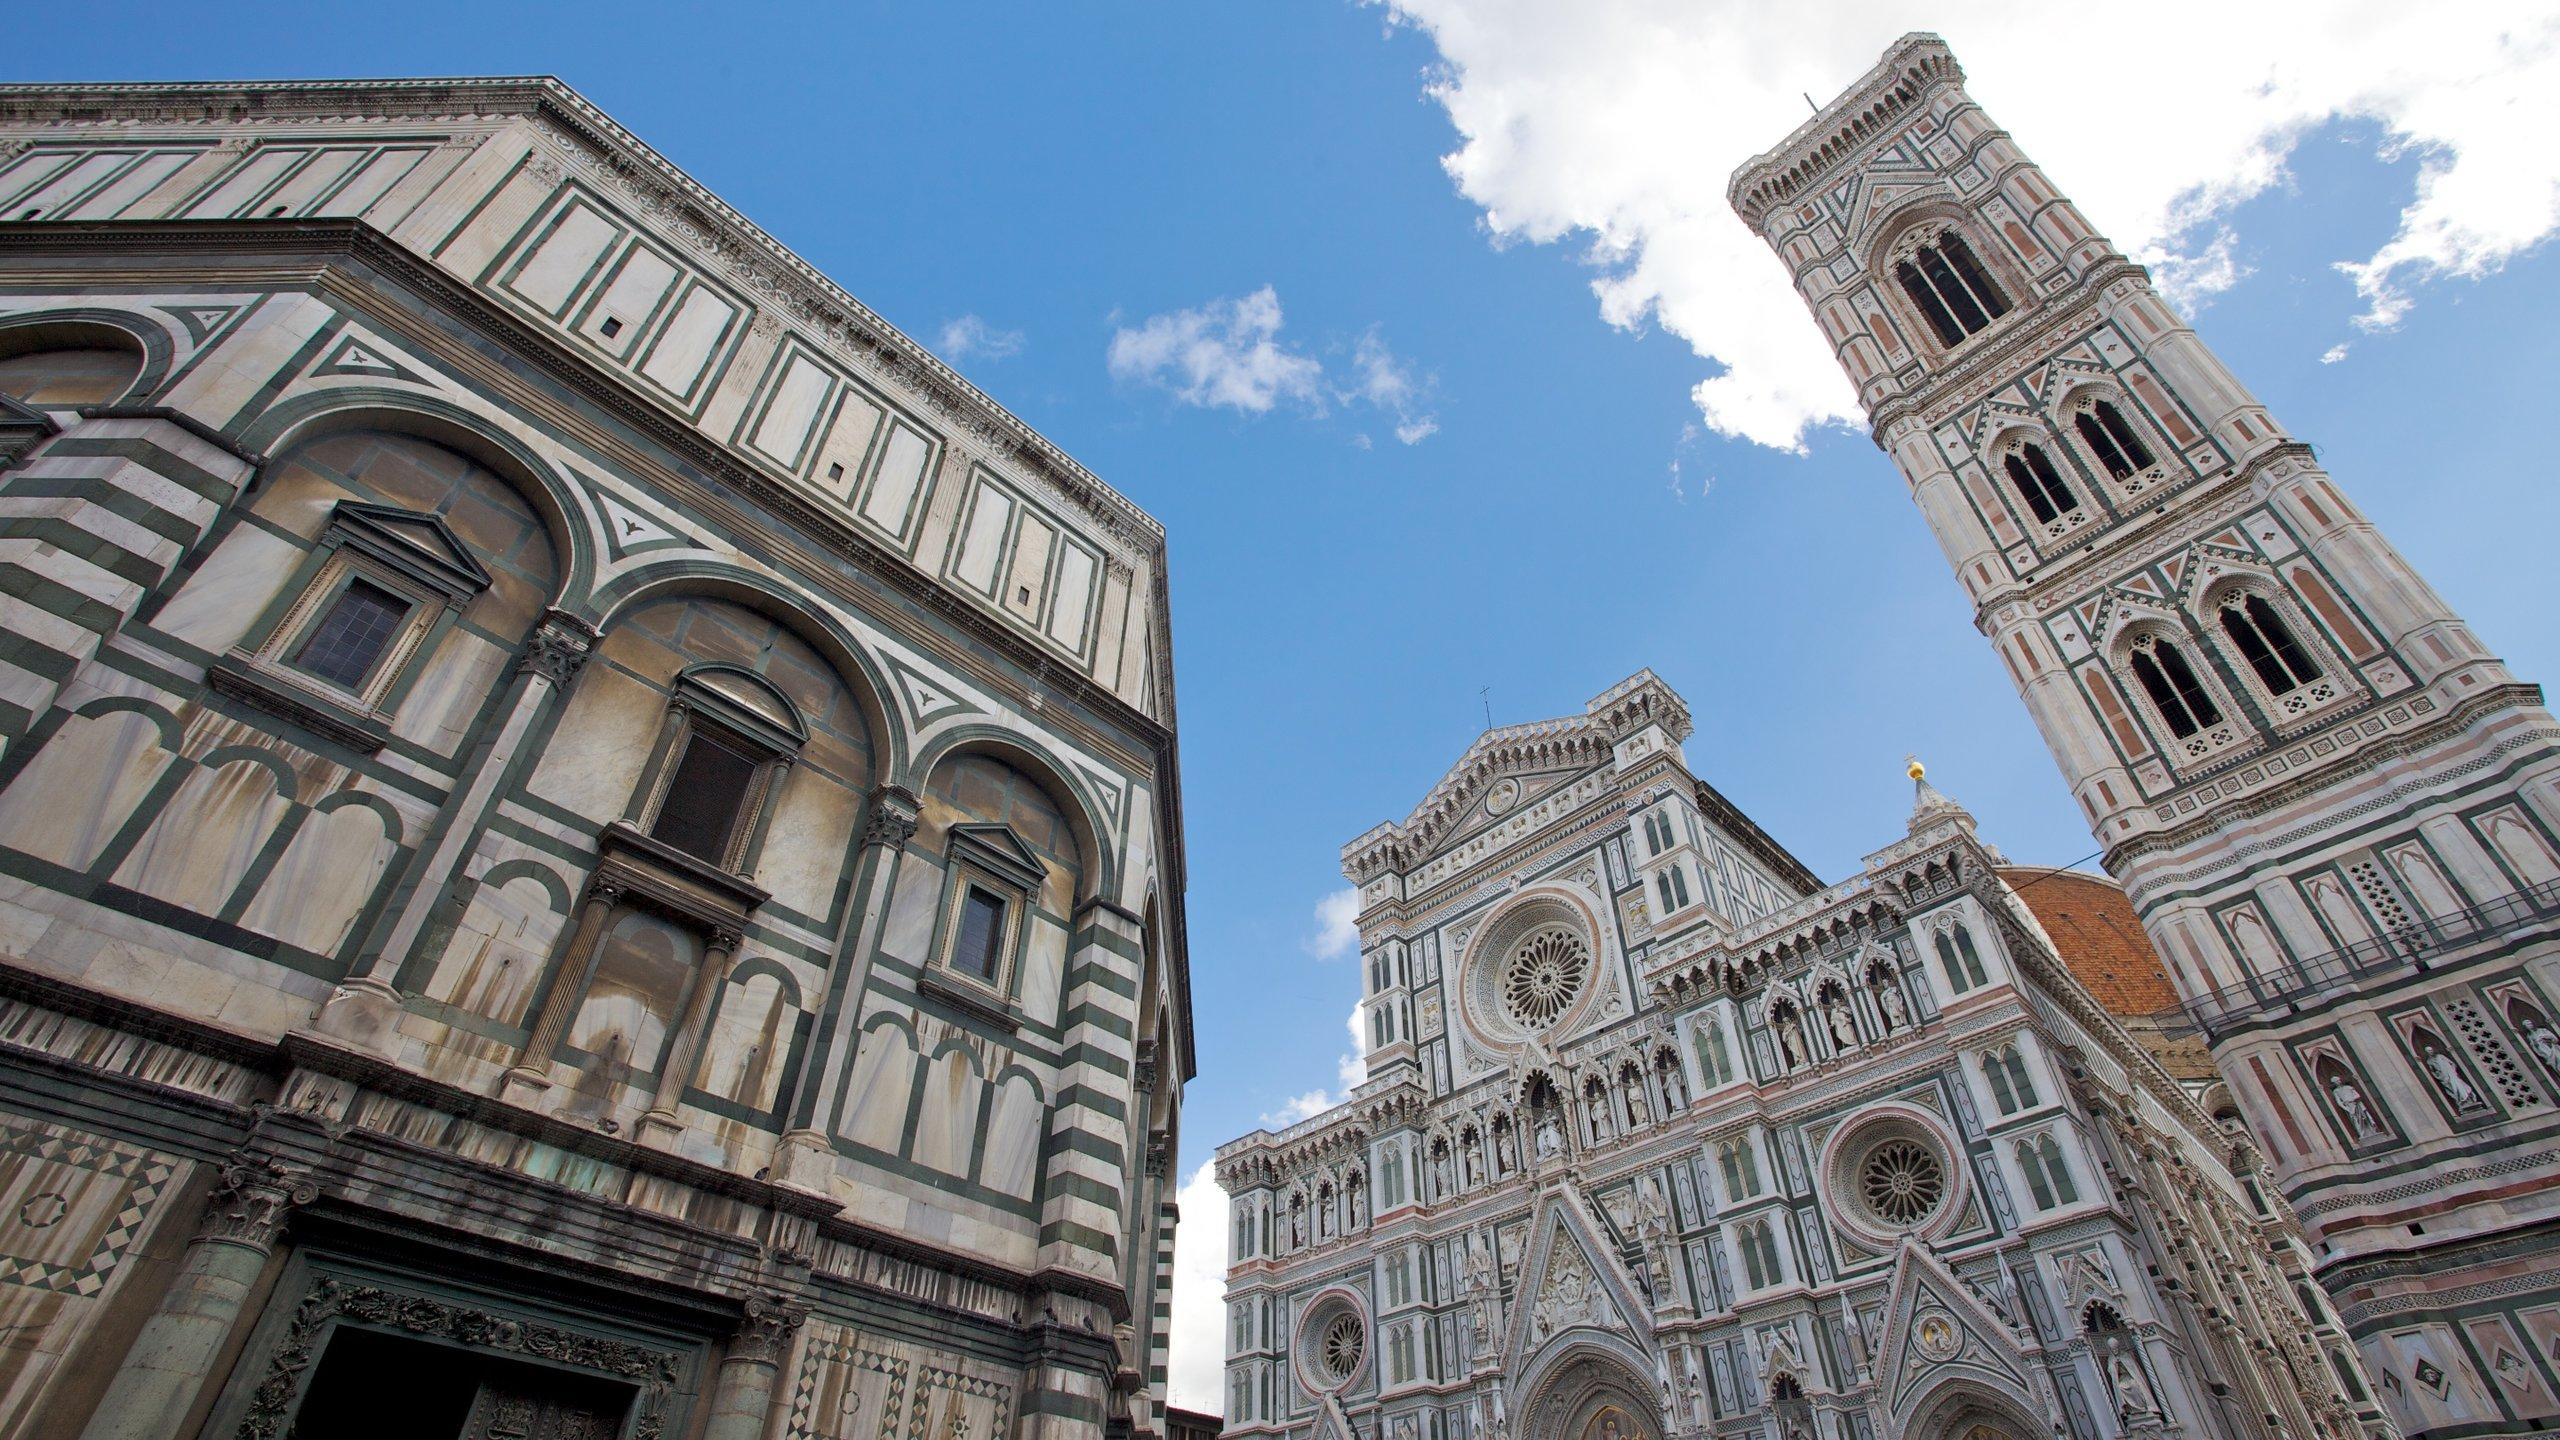 Katedralen Santa Maria del Fiore, med sin ruvende dom, har blitt et symbol for Firenze.